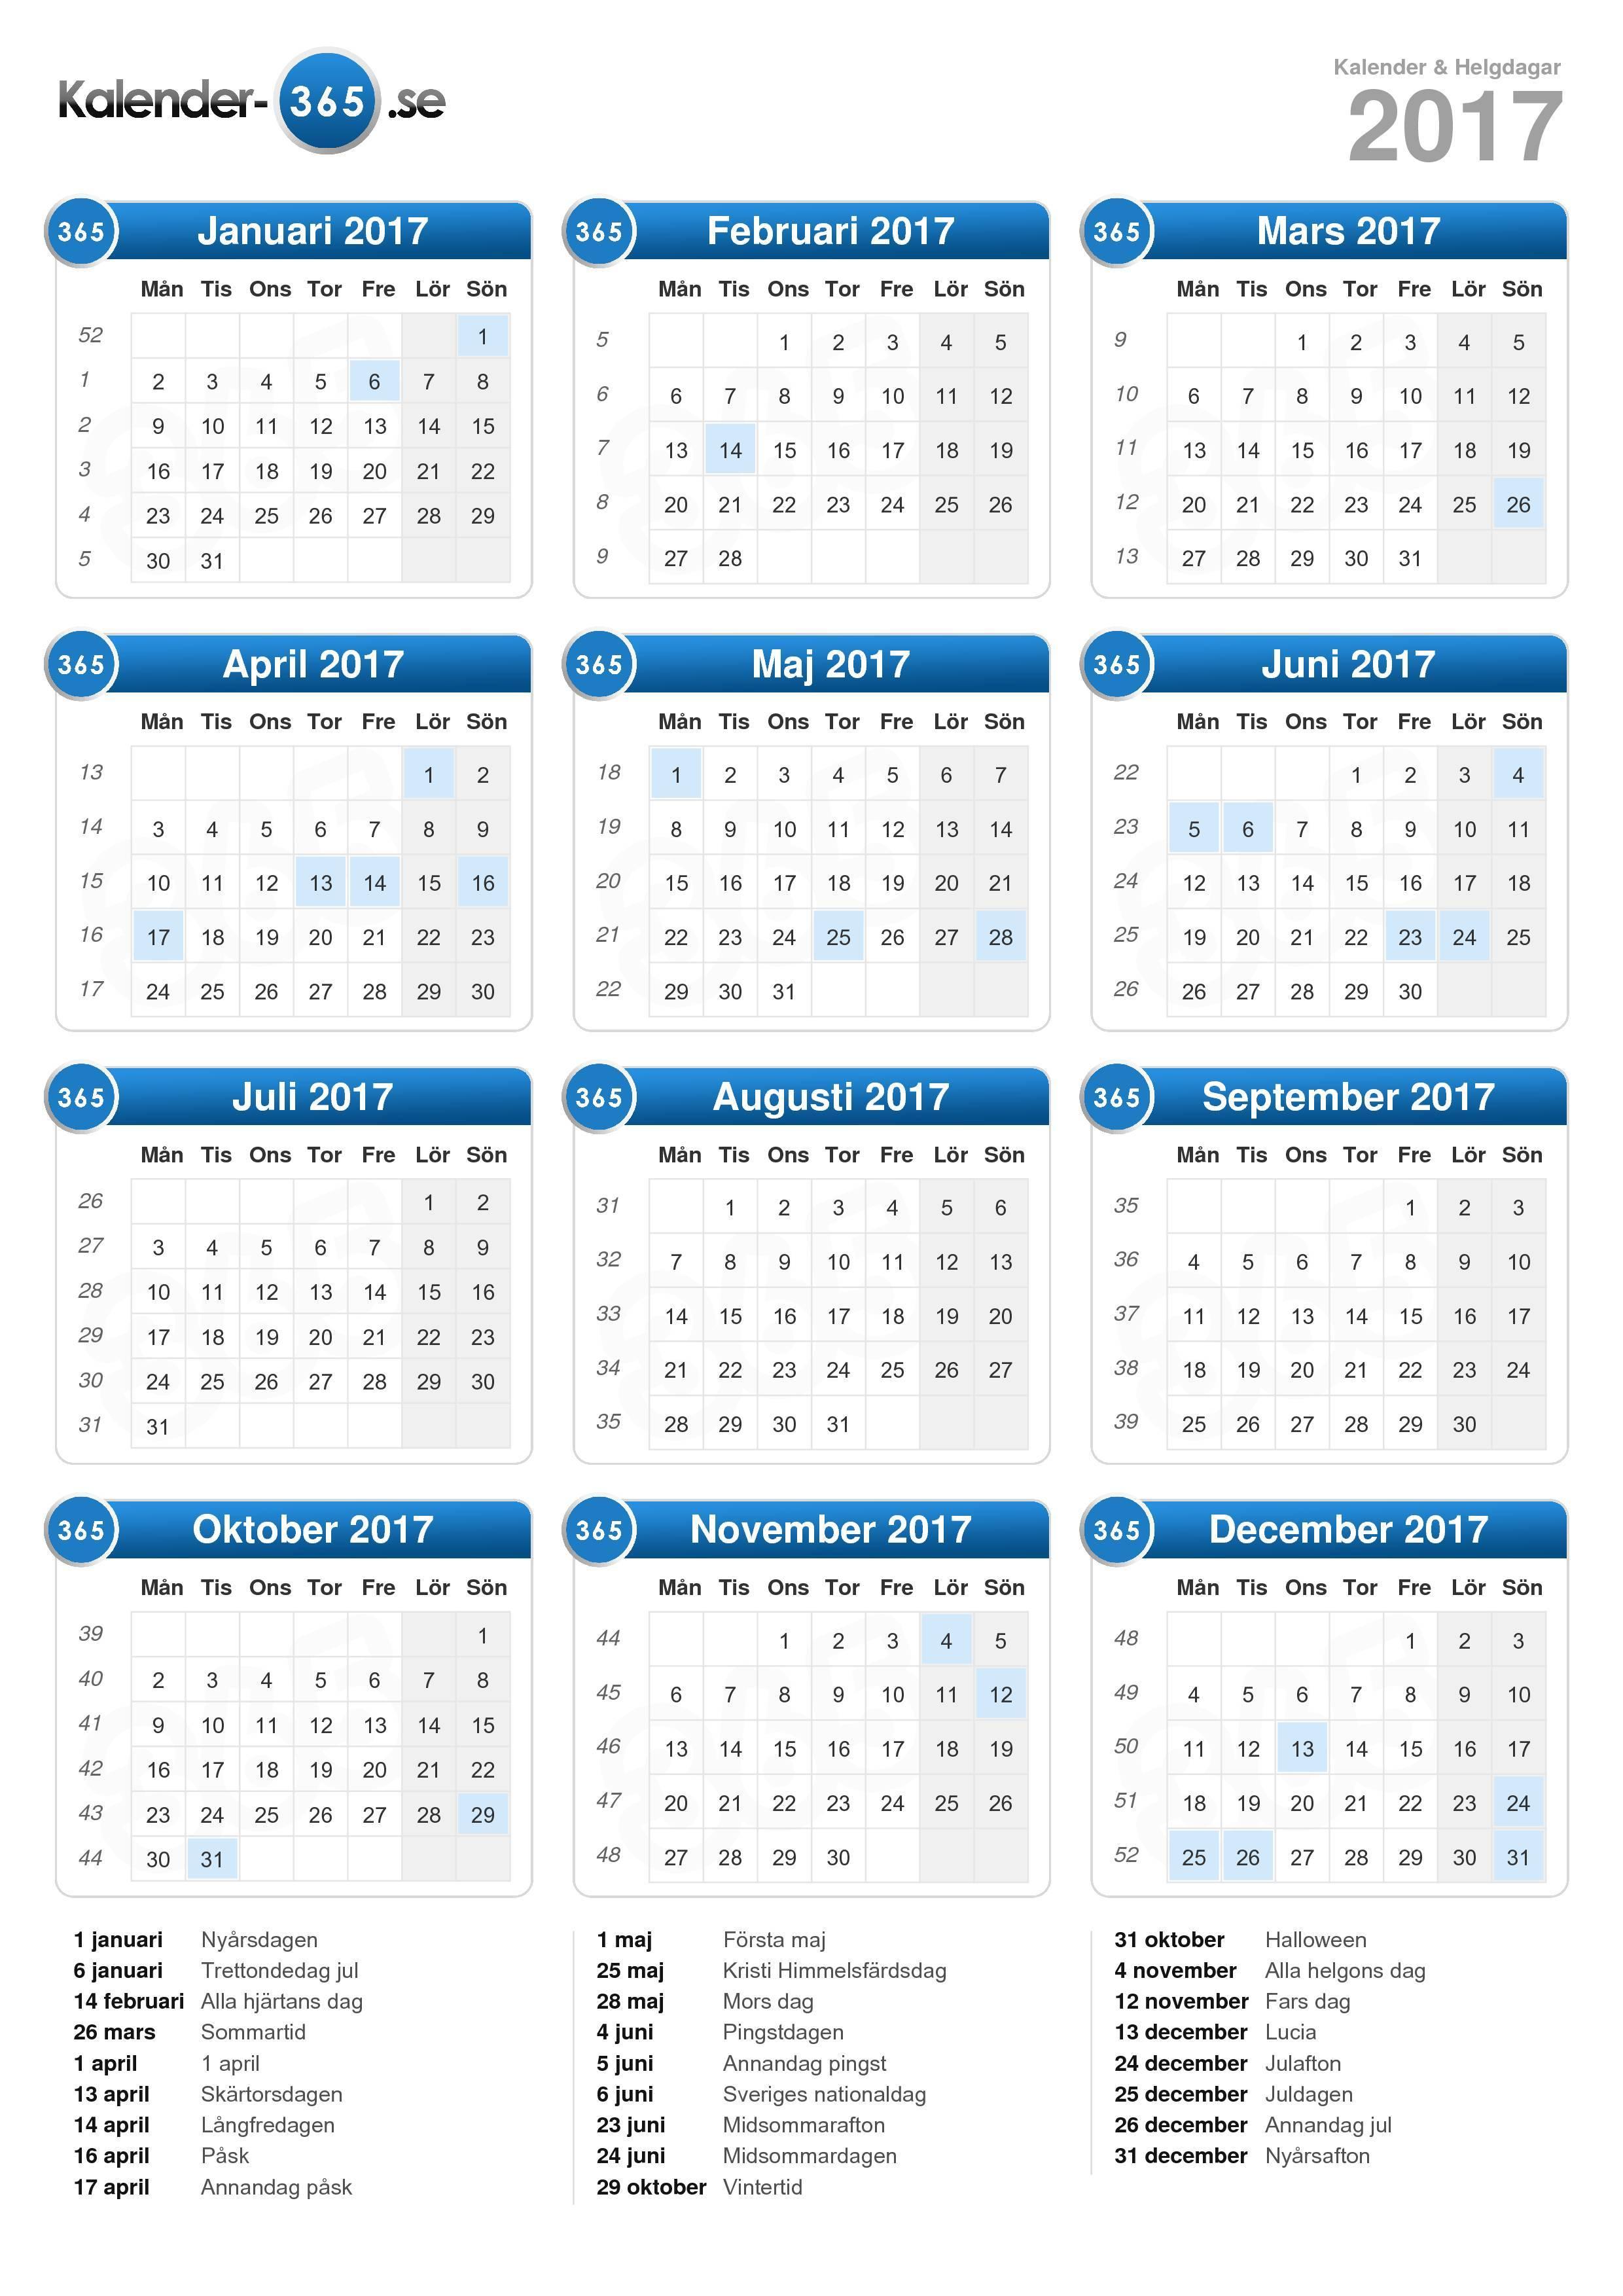 kalender 2017 påsk